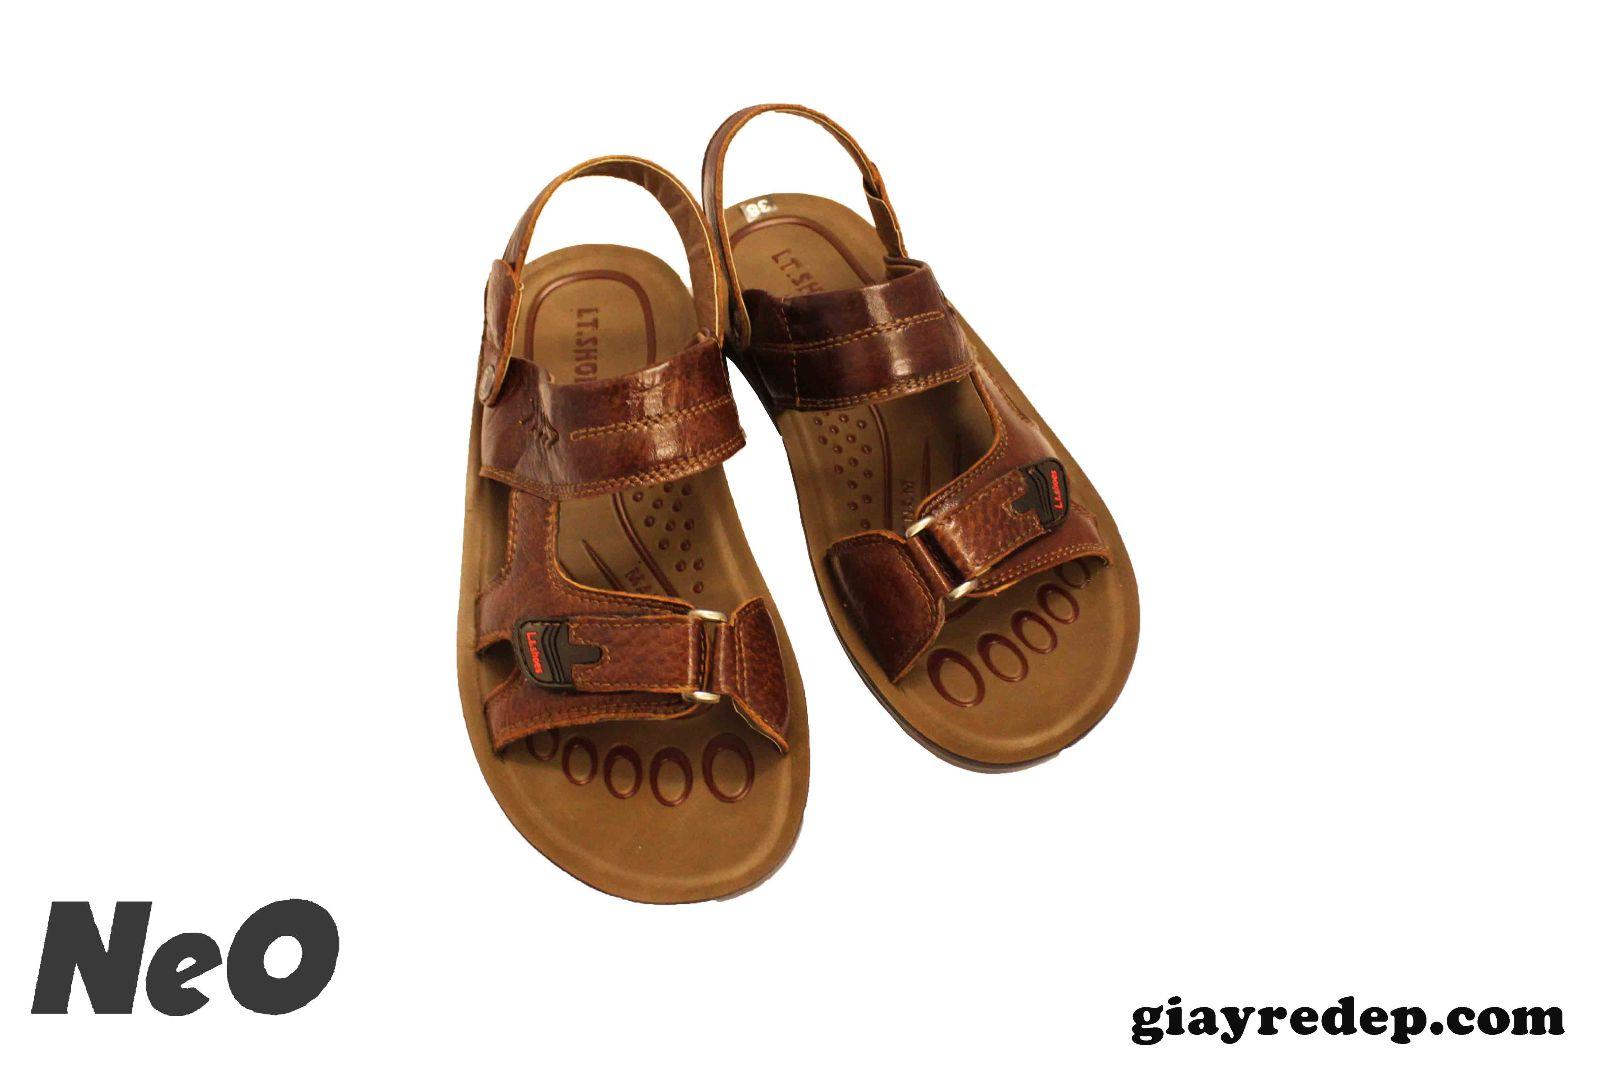 déo sandal, dép nam, dép sandal nam, dép sandal đẹp, dép sandal giá rẻ